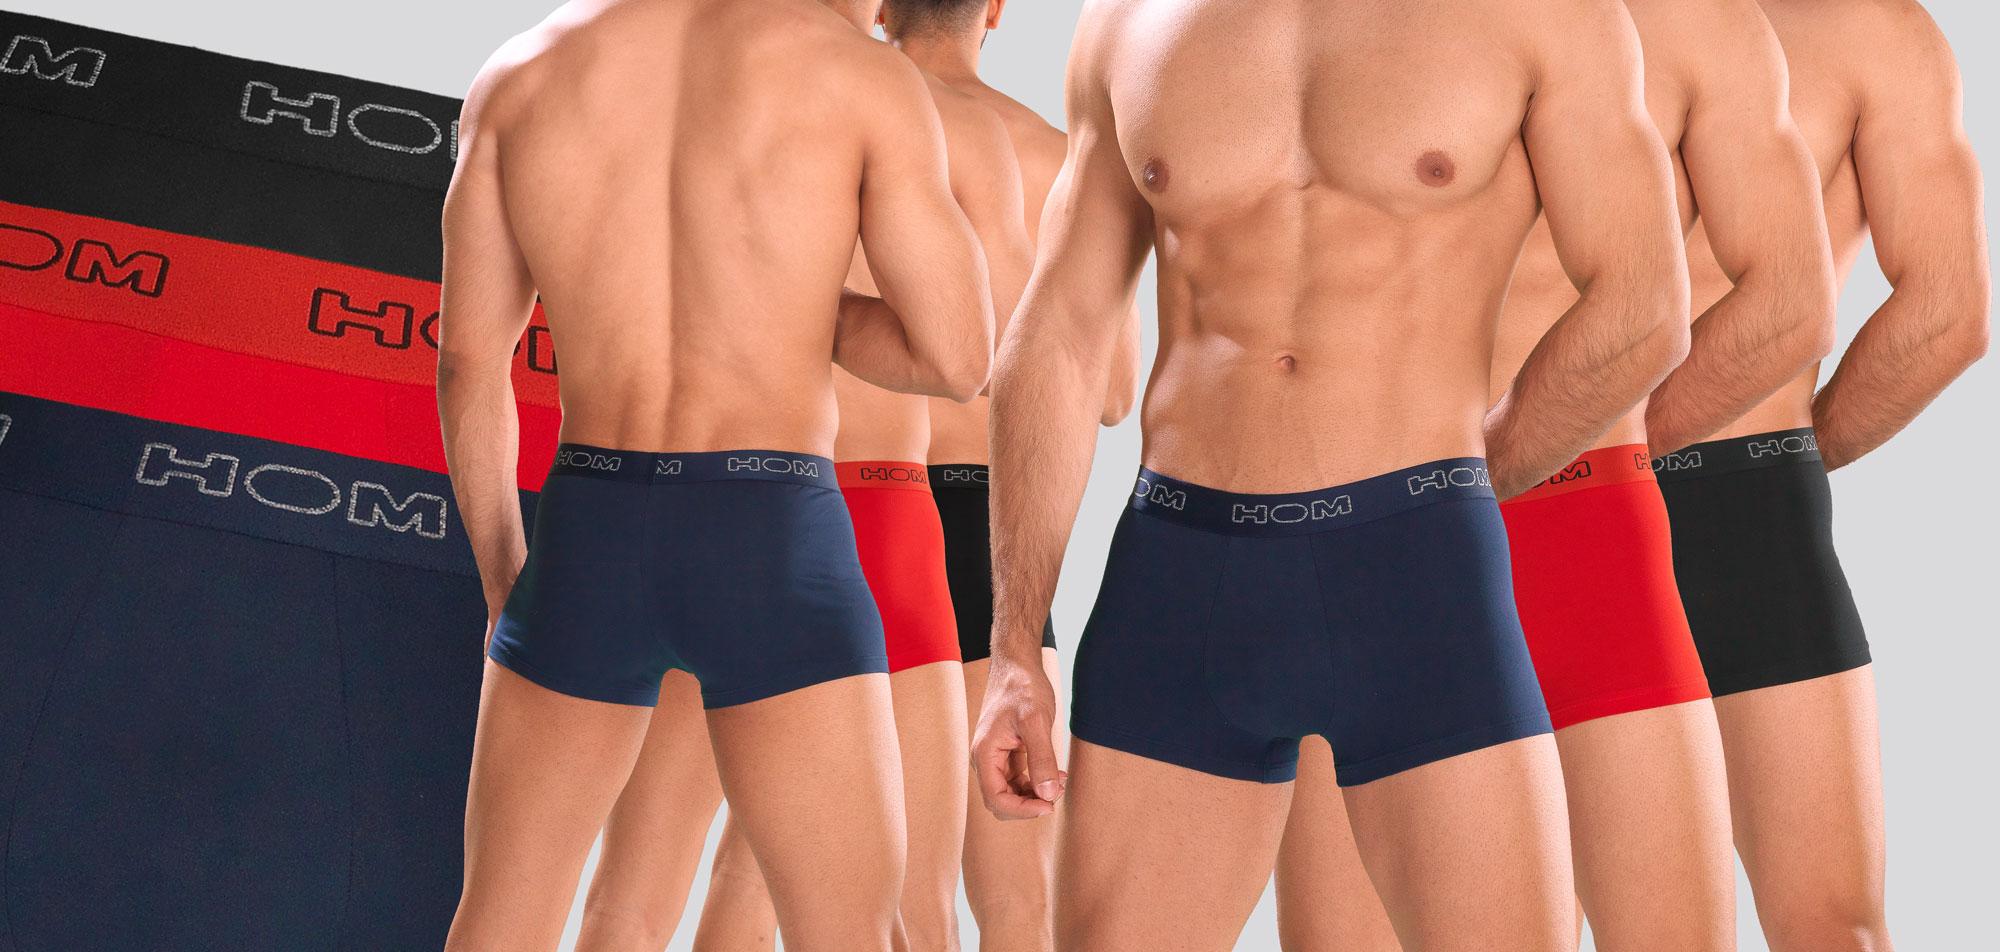 Hom Boxerlines Boxer Brief 3-Pack 387-Rood/Blauw/Zwart (984)-L